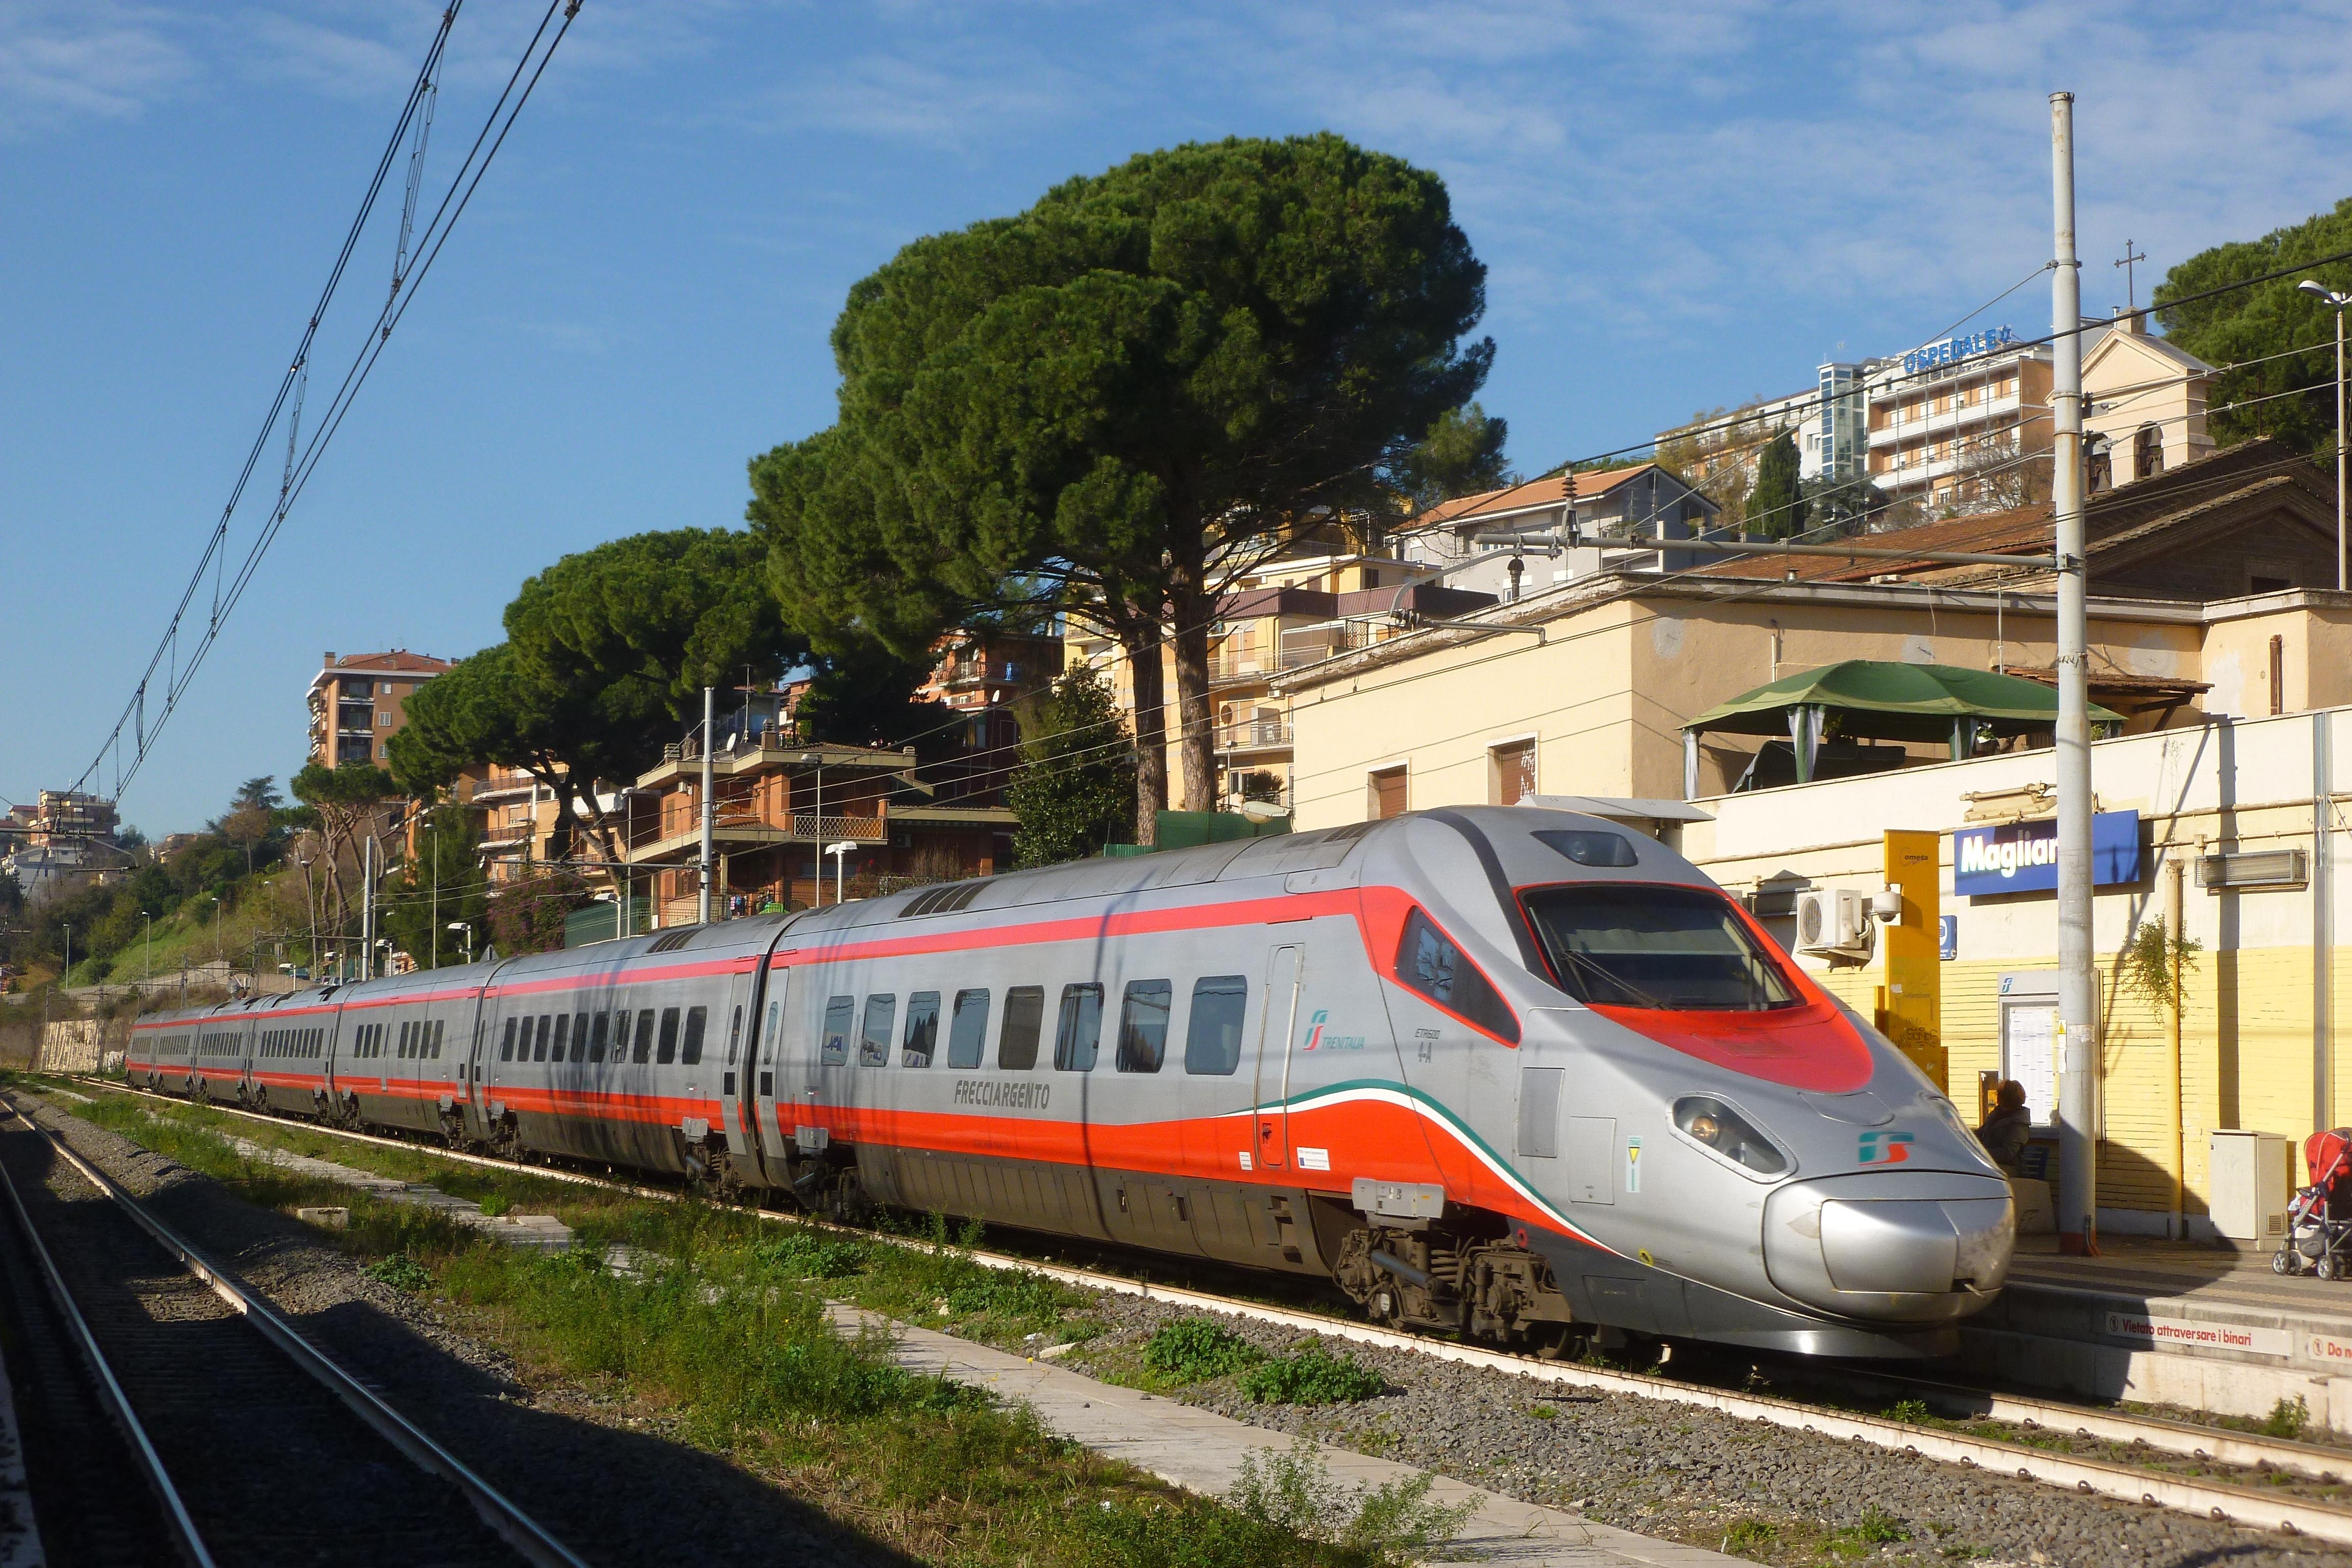 Il FrecciArgento Fiumicino-Roma-Venezia in transito a Magliana - Foto Giuseppe Mondelli